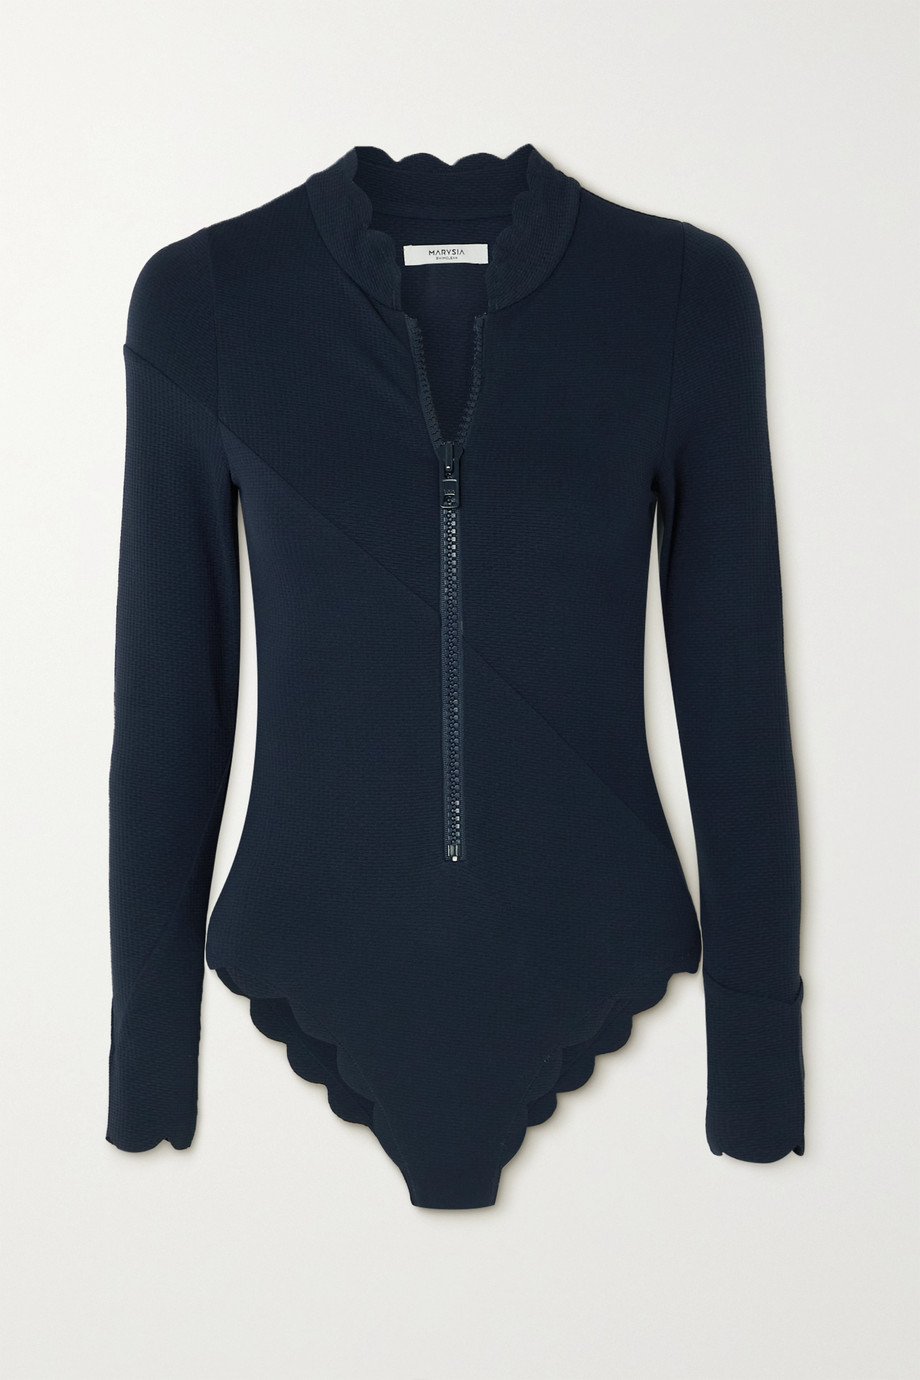 Marysia + NET SUSTAIN North Sea scalloped recycled seersucker swimsuit